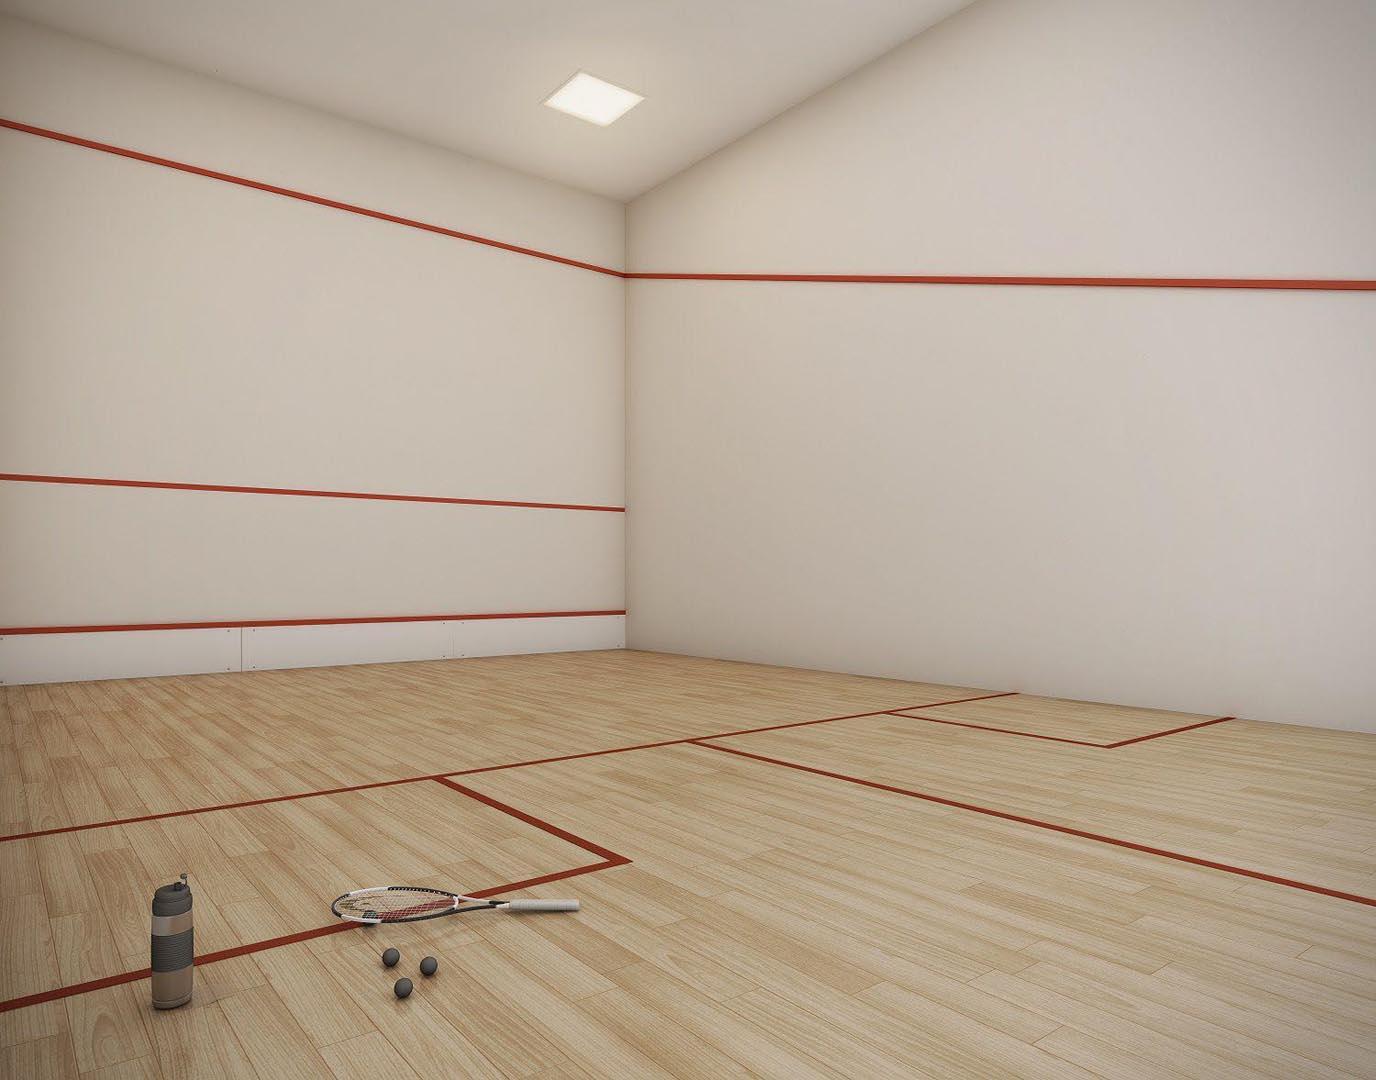 Perspectiva ilustrada Quadra de Squash.